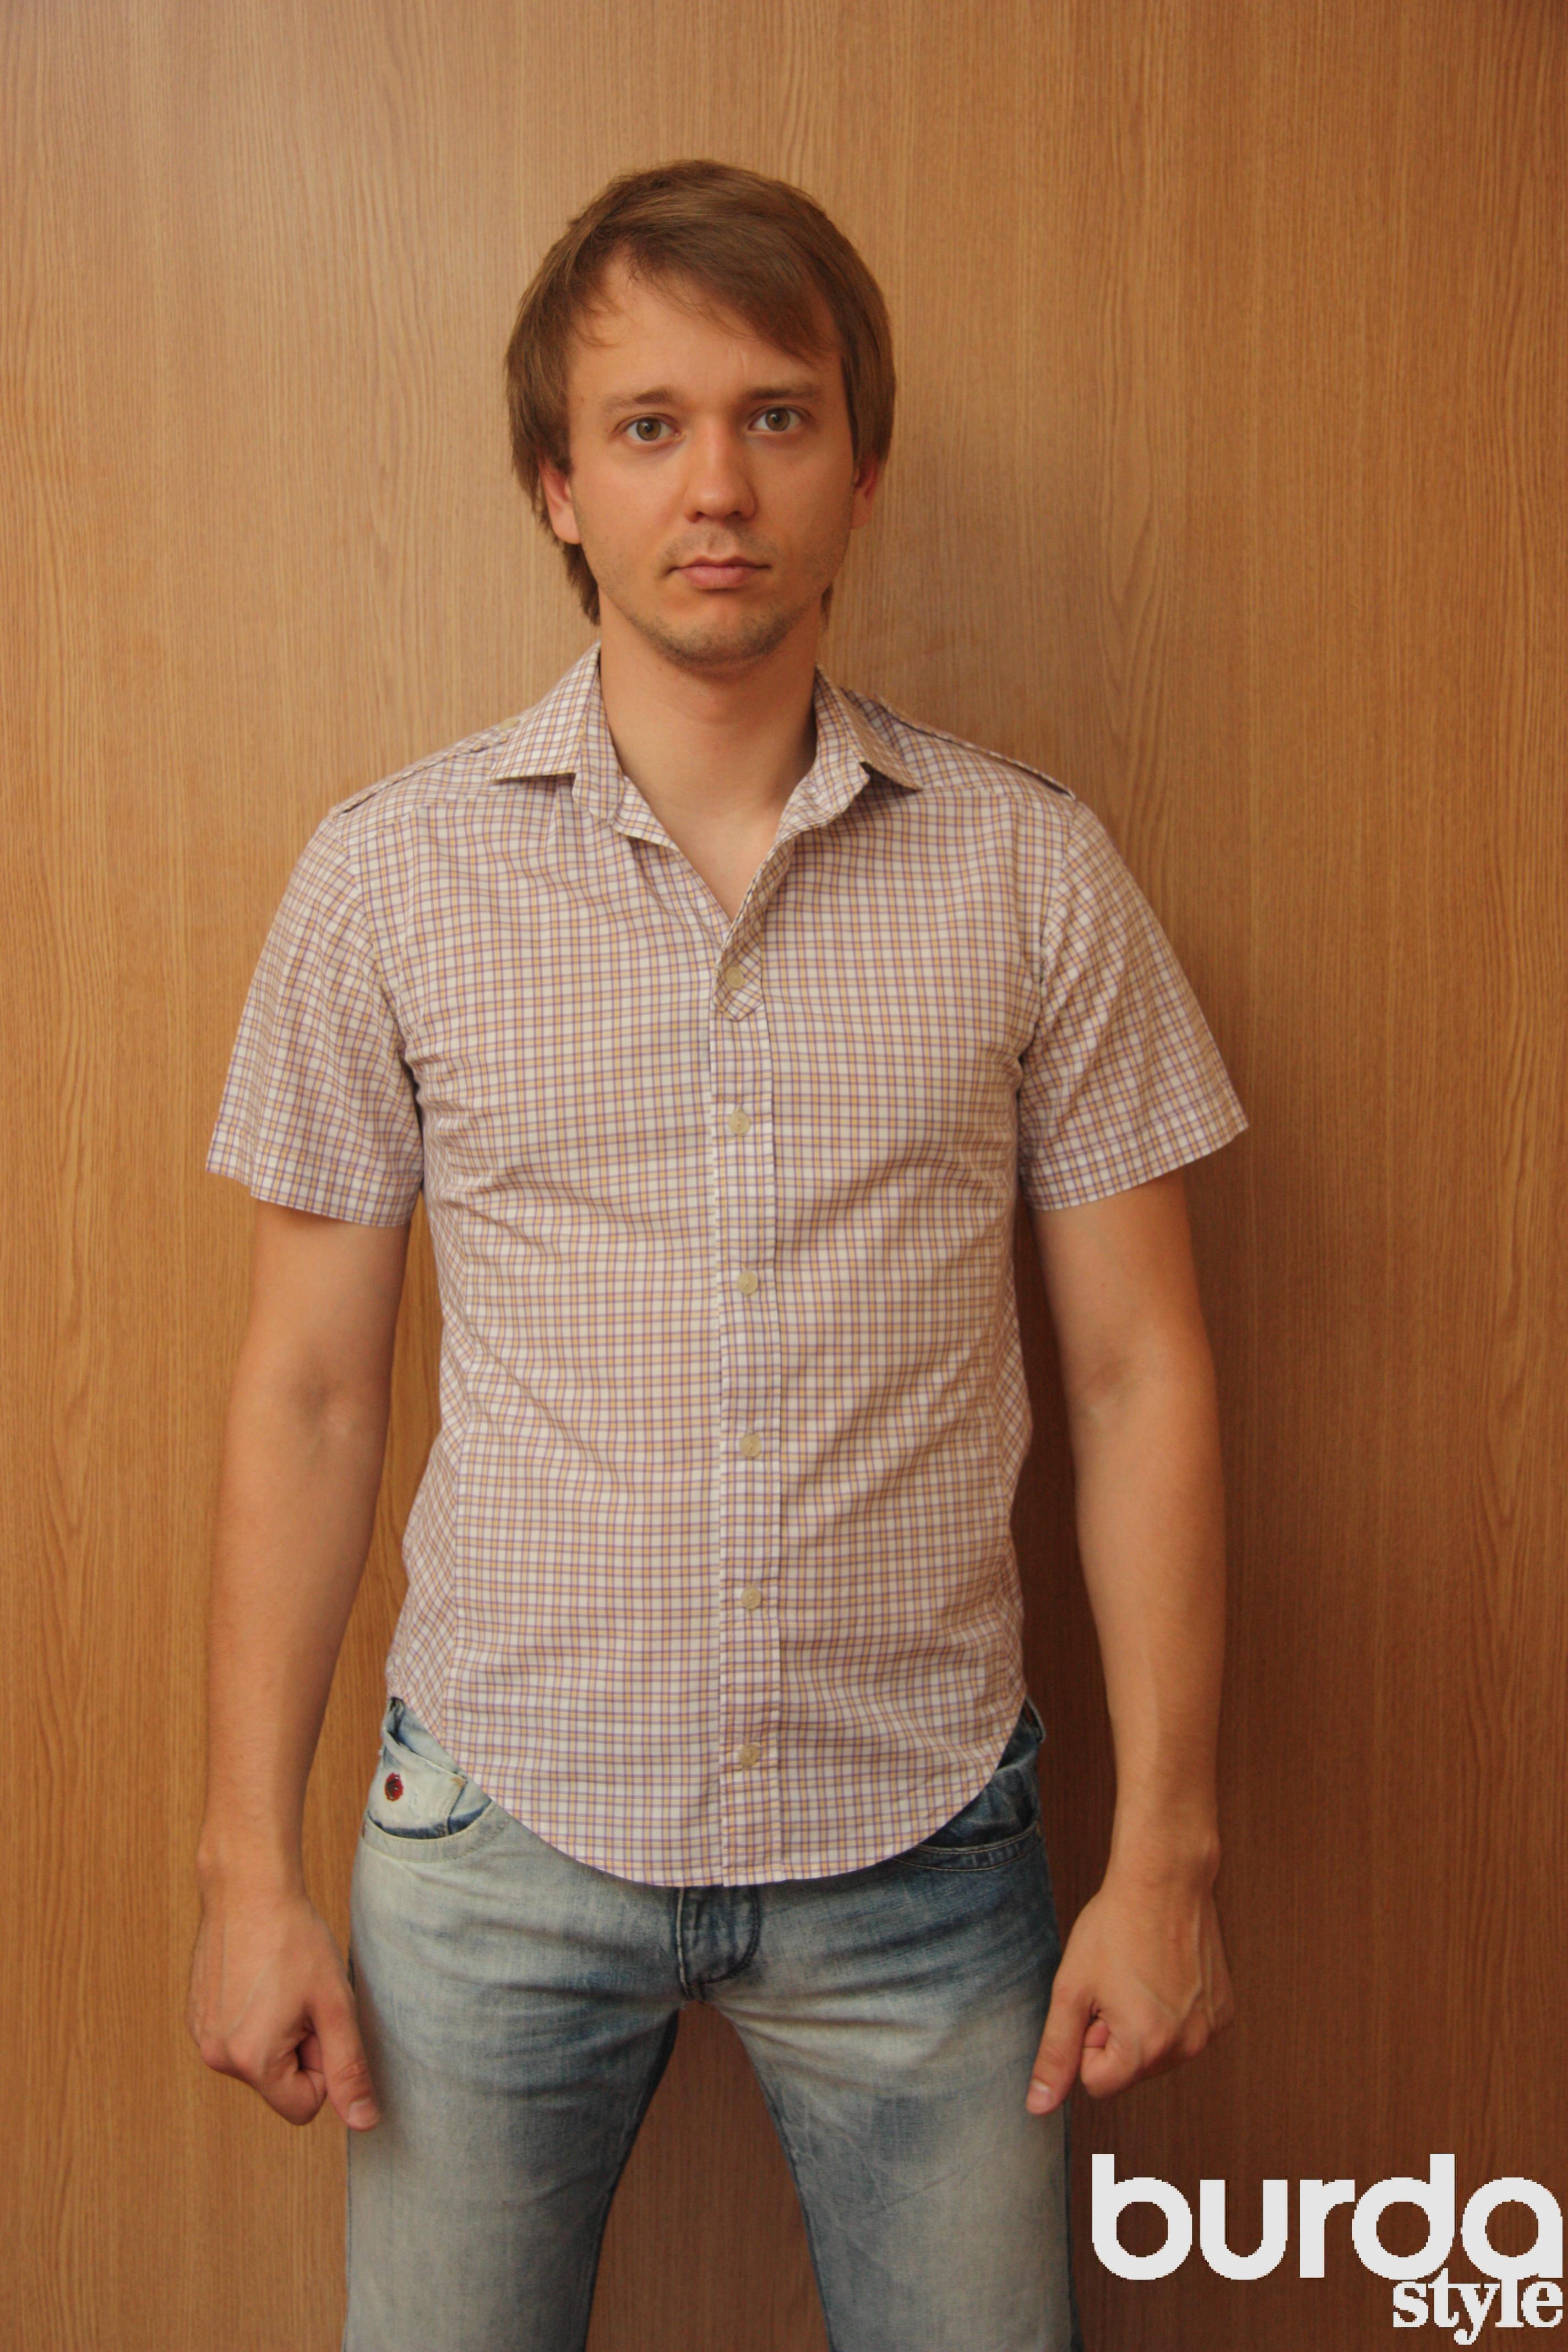 Выкройка мужской рубашки без рукавов фото 228